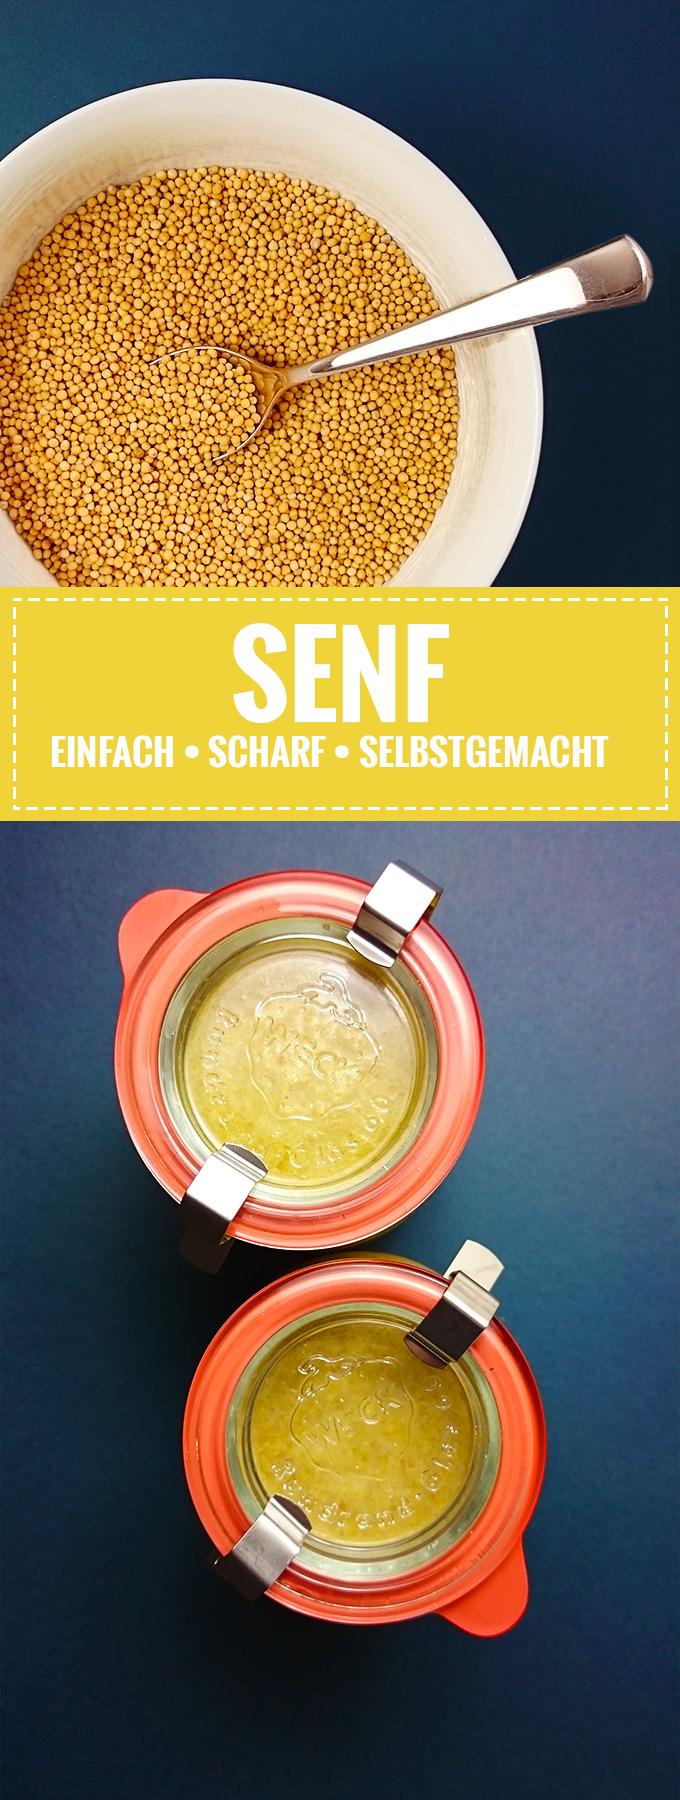 Senf Grundrezept // Einfach, scharf, lecker! // Knabberkult.de